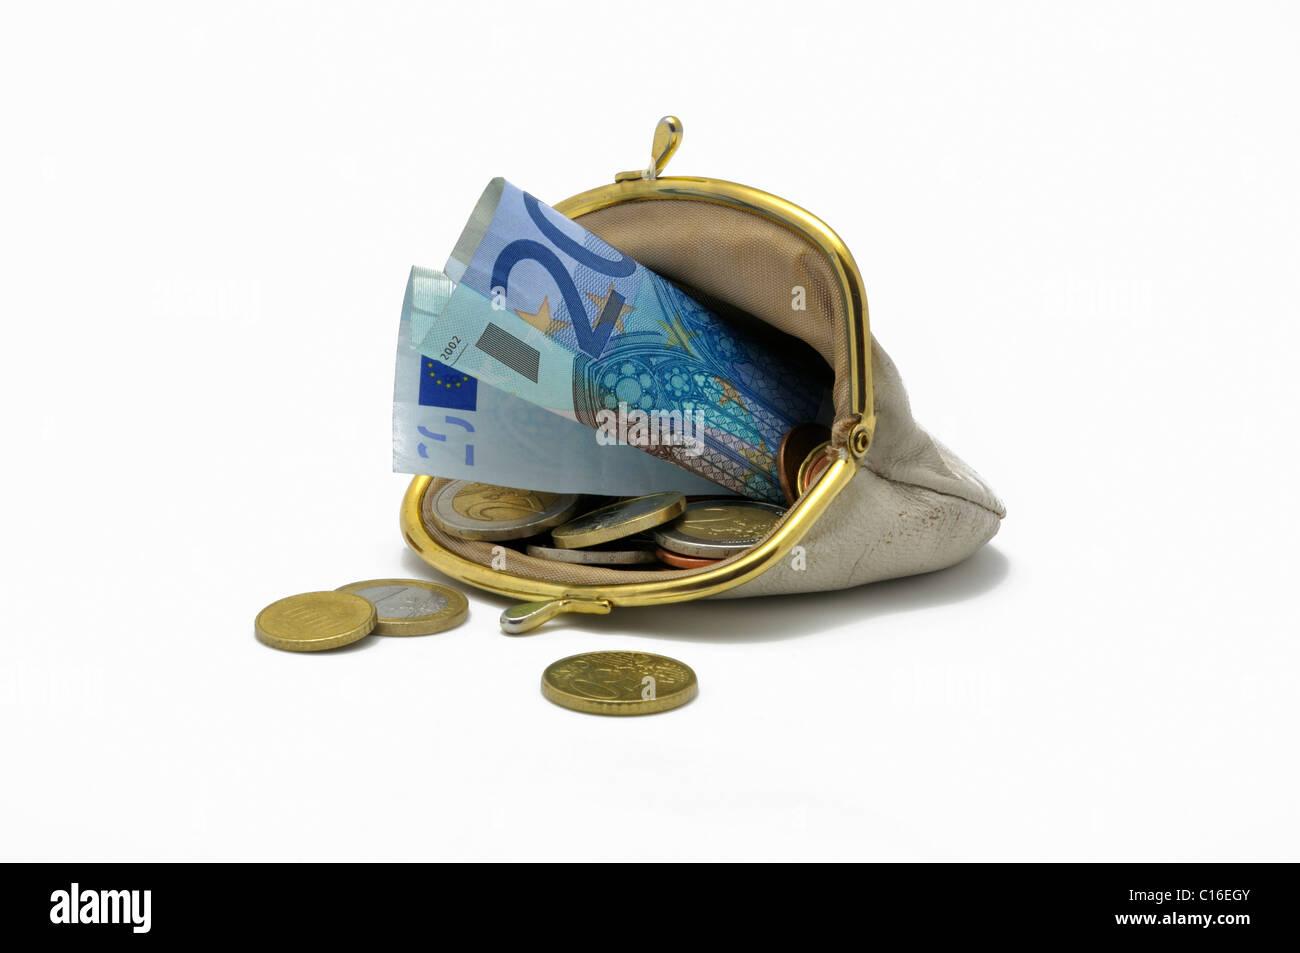 Blanco, bolso trillada con mecanismo CLIP, rellena con un billete de 20 euros y diversas monedas de euro Foto de stock